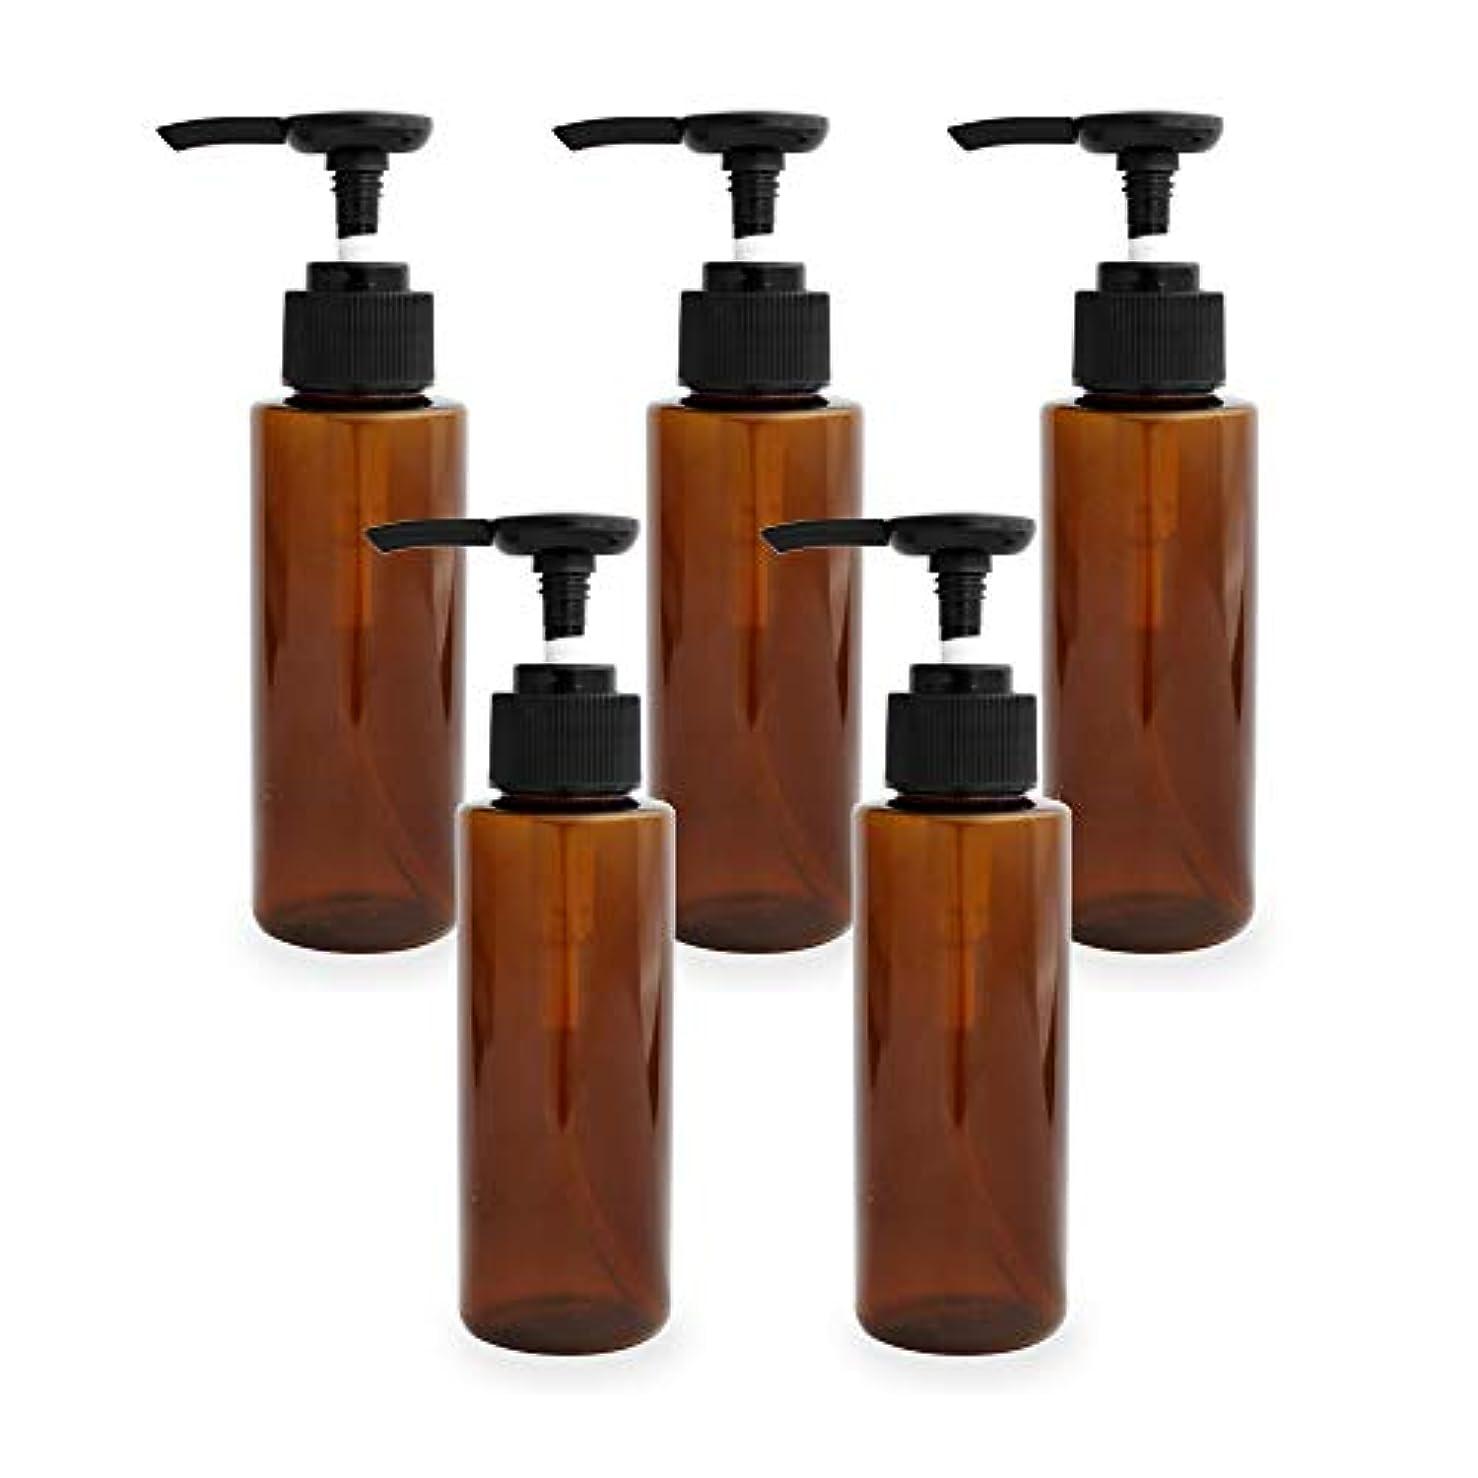 隔離するストリーム滴下ポンプボトル100ml×5本(ブラウン)(プラスチック容器 オイル用空瓶 プラスチック製-PET 空ボトル プッシュポンプ)